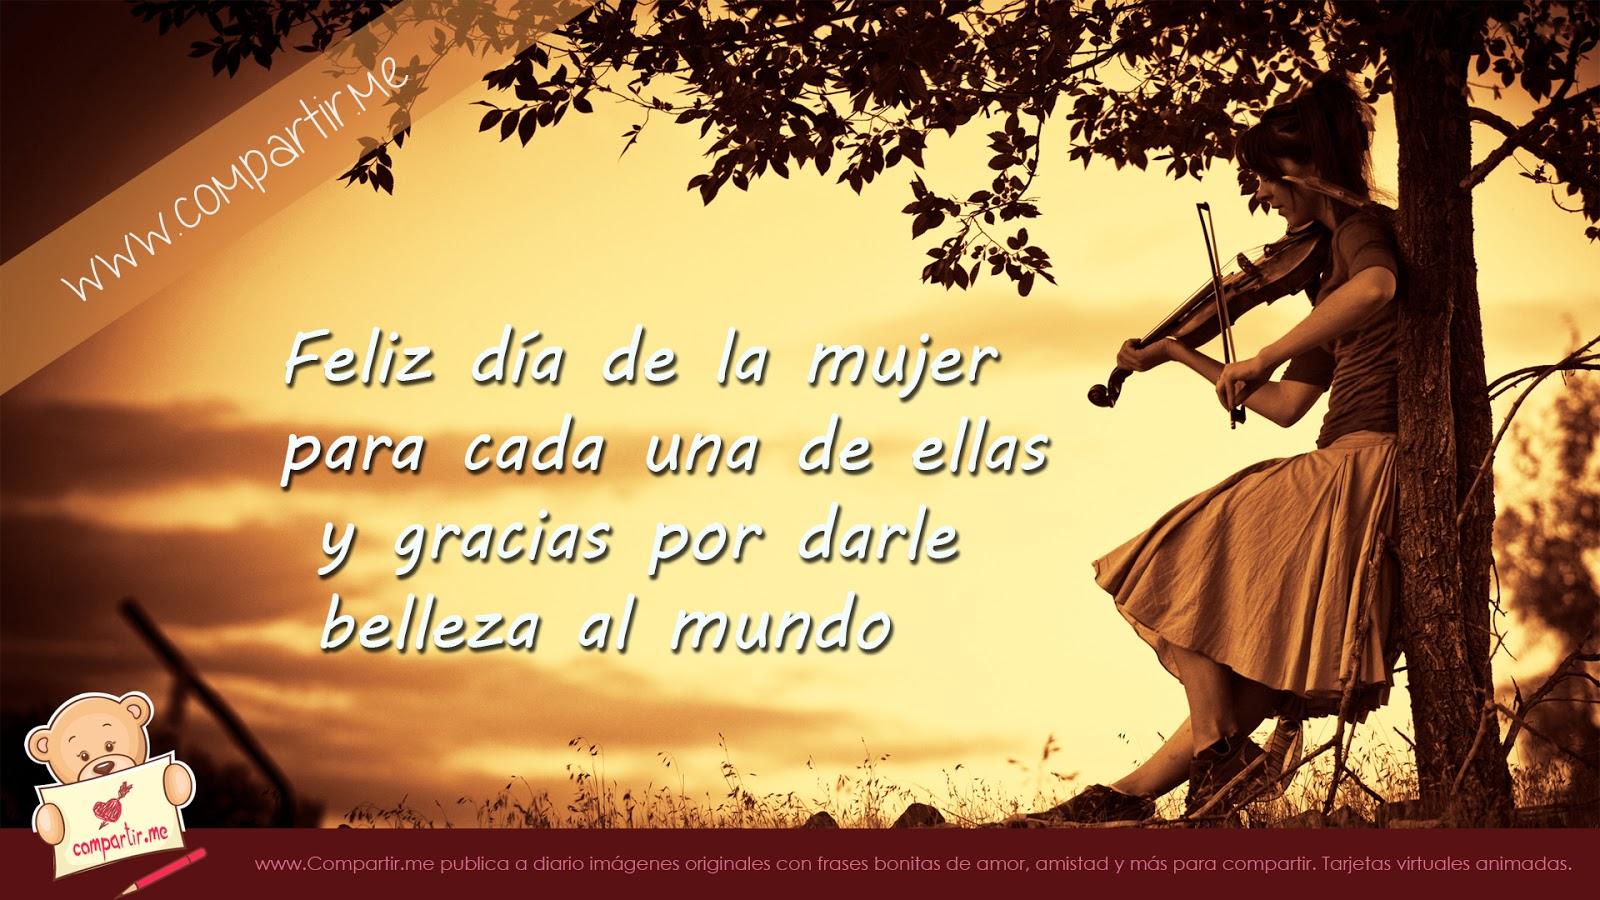 Related to Imagenes de Amor: Feliz Dia de la Mujer Con Frases